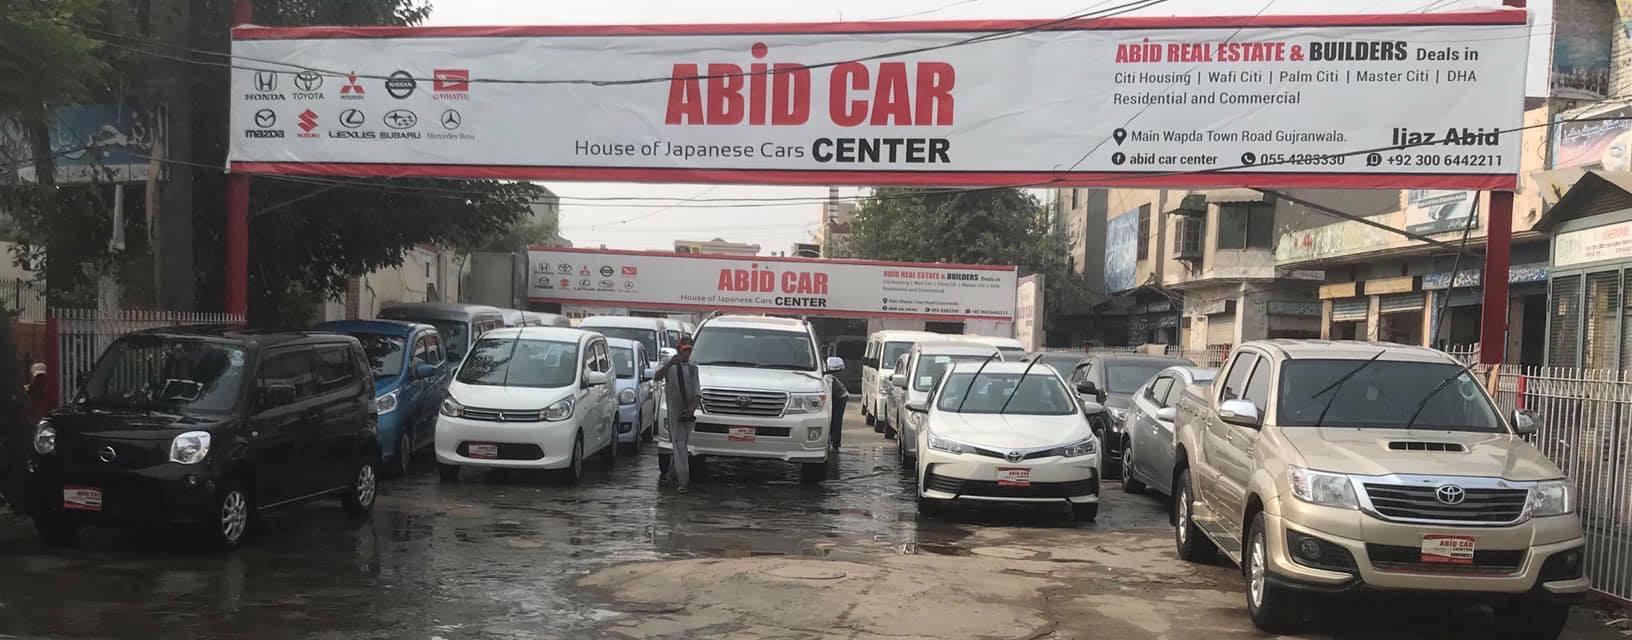 Abid Car Center